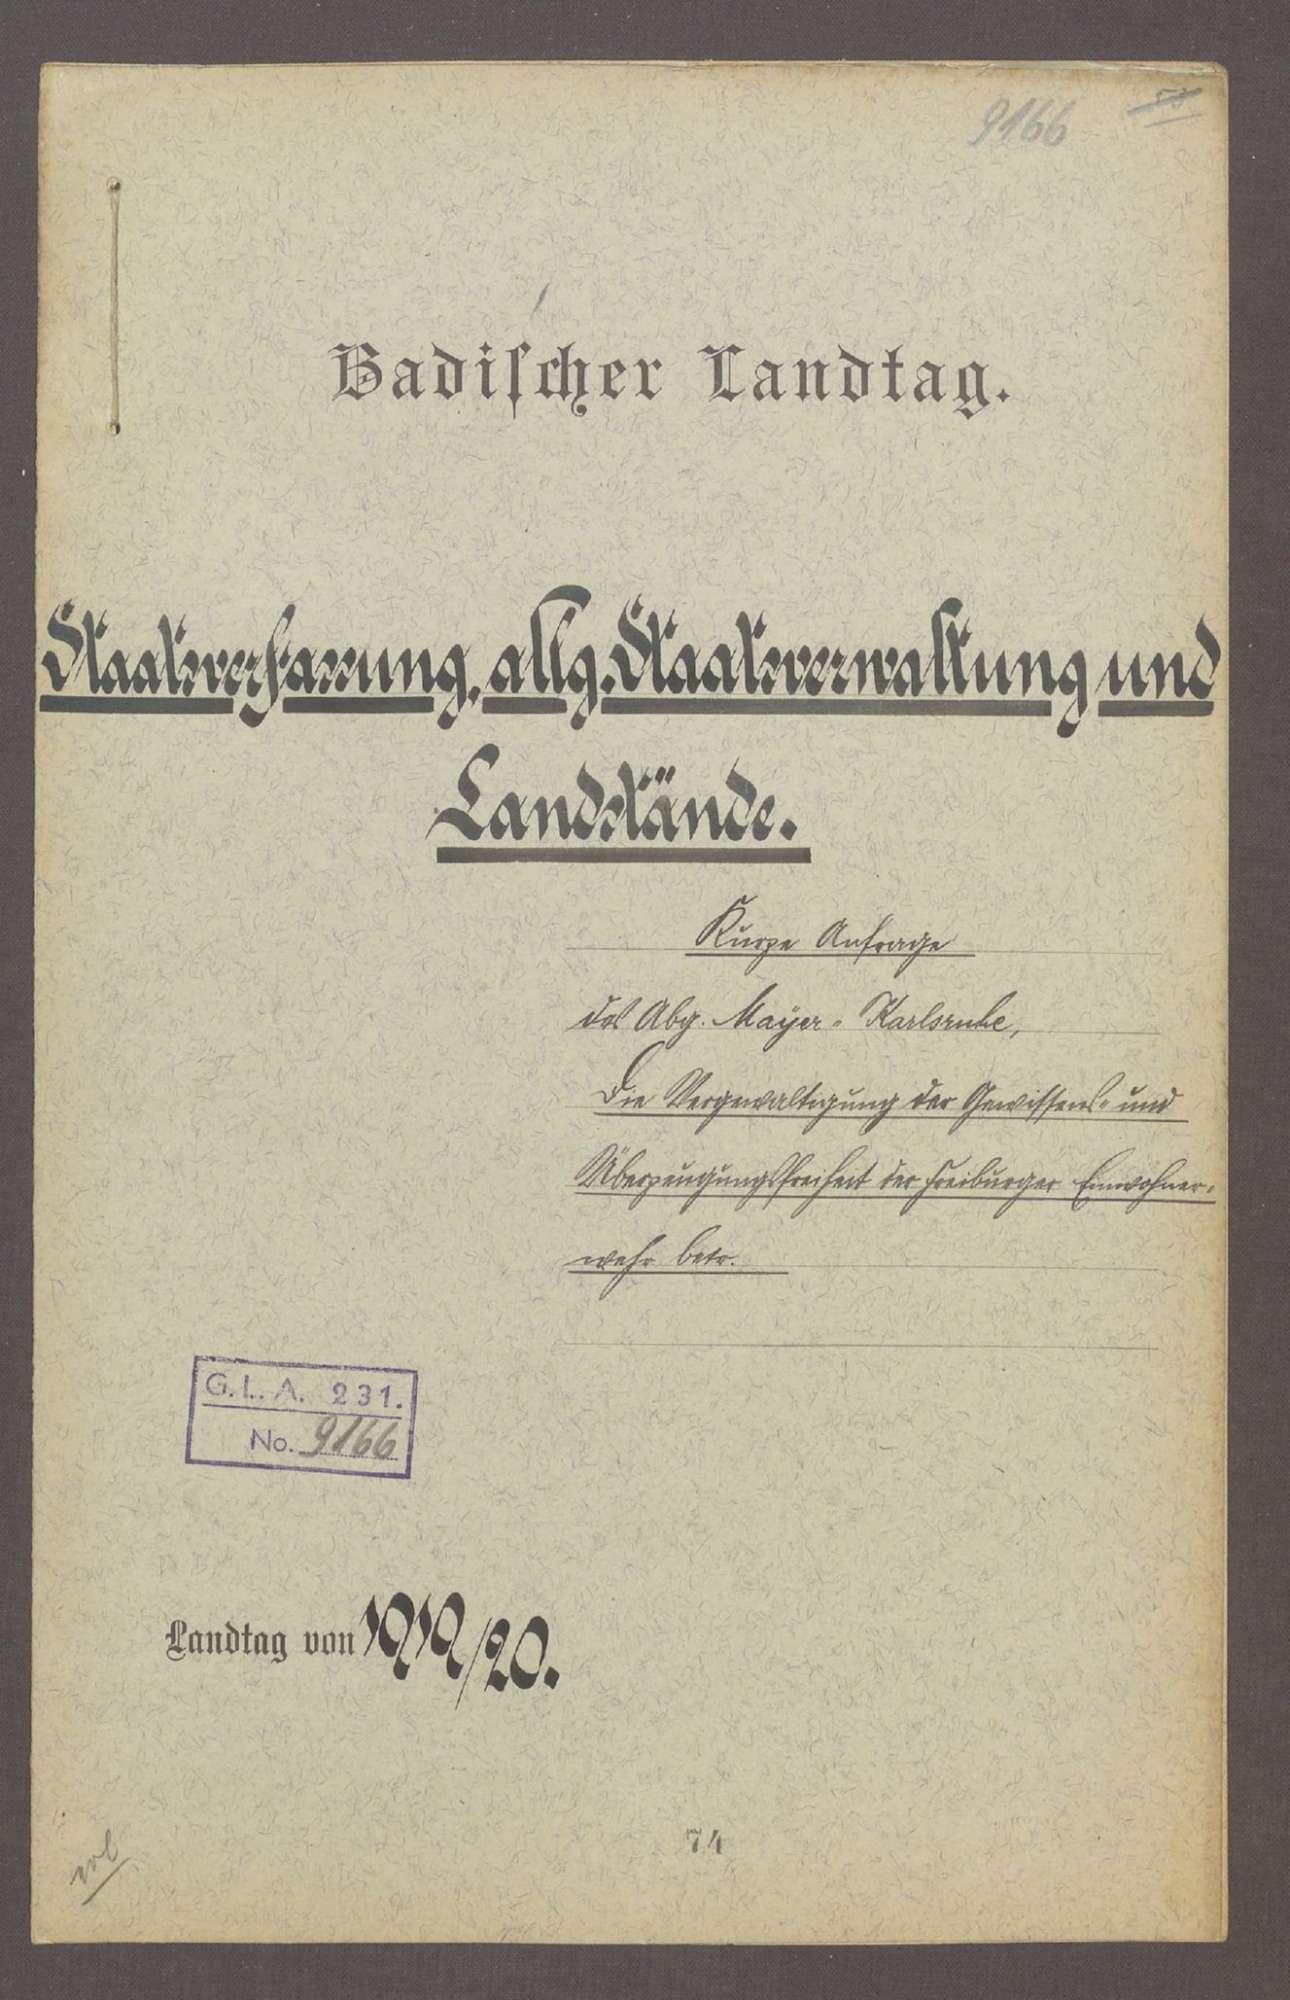 Kurze Anfrage des Abg. D. Mayer (Karlsruhe), die Vergewaltigung der Gewissens- u. Überzeugungsfreiheit der Freiburger Einwohnerwehr betr., Bild 1